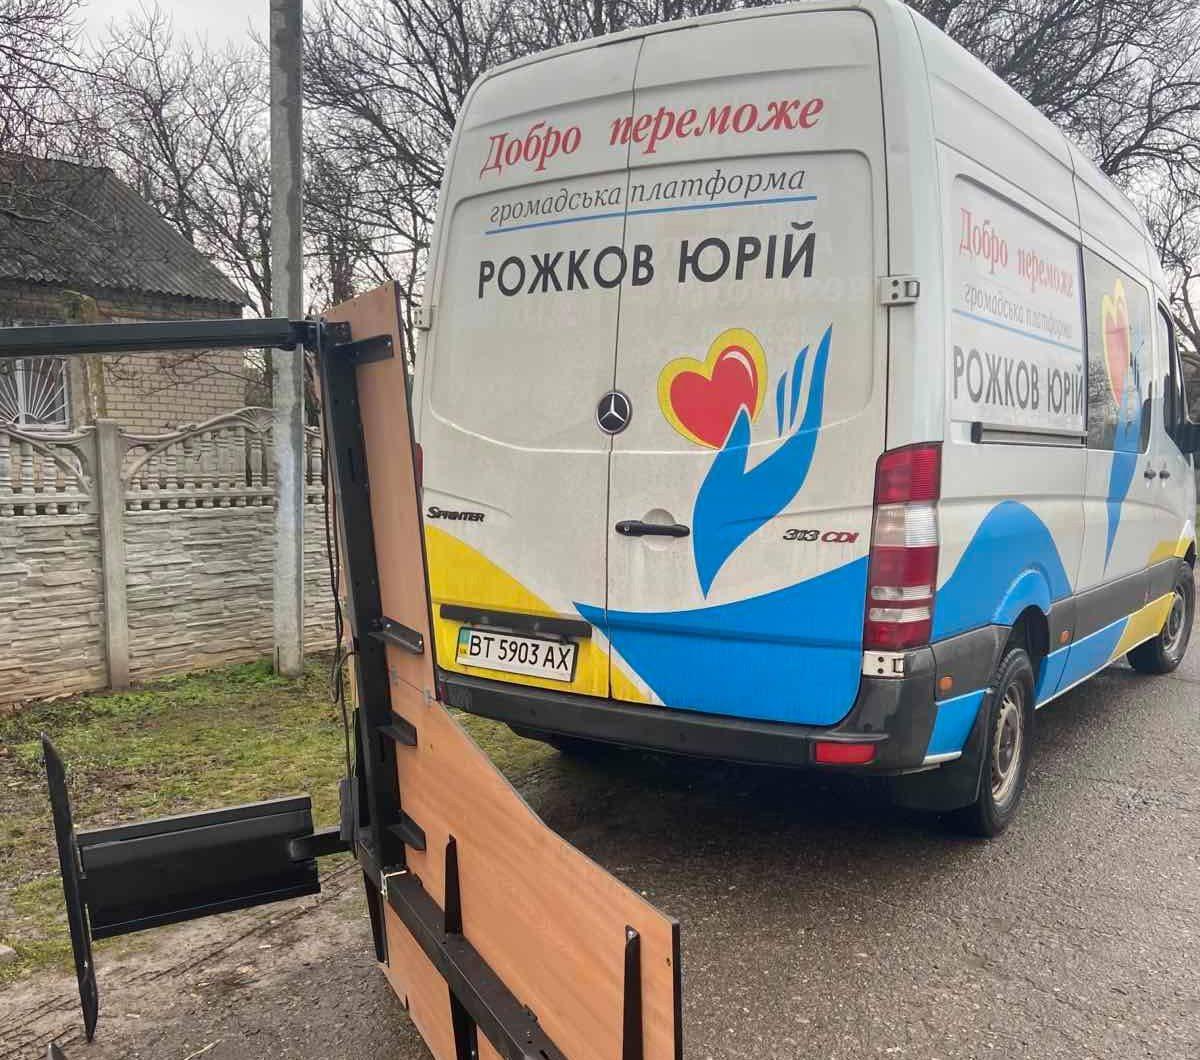 ФАП, Херсон, Рожков